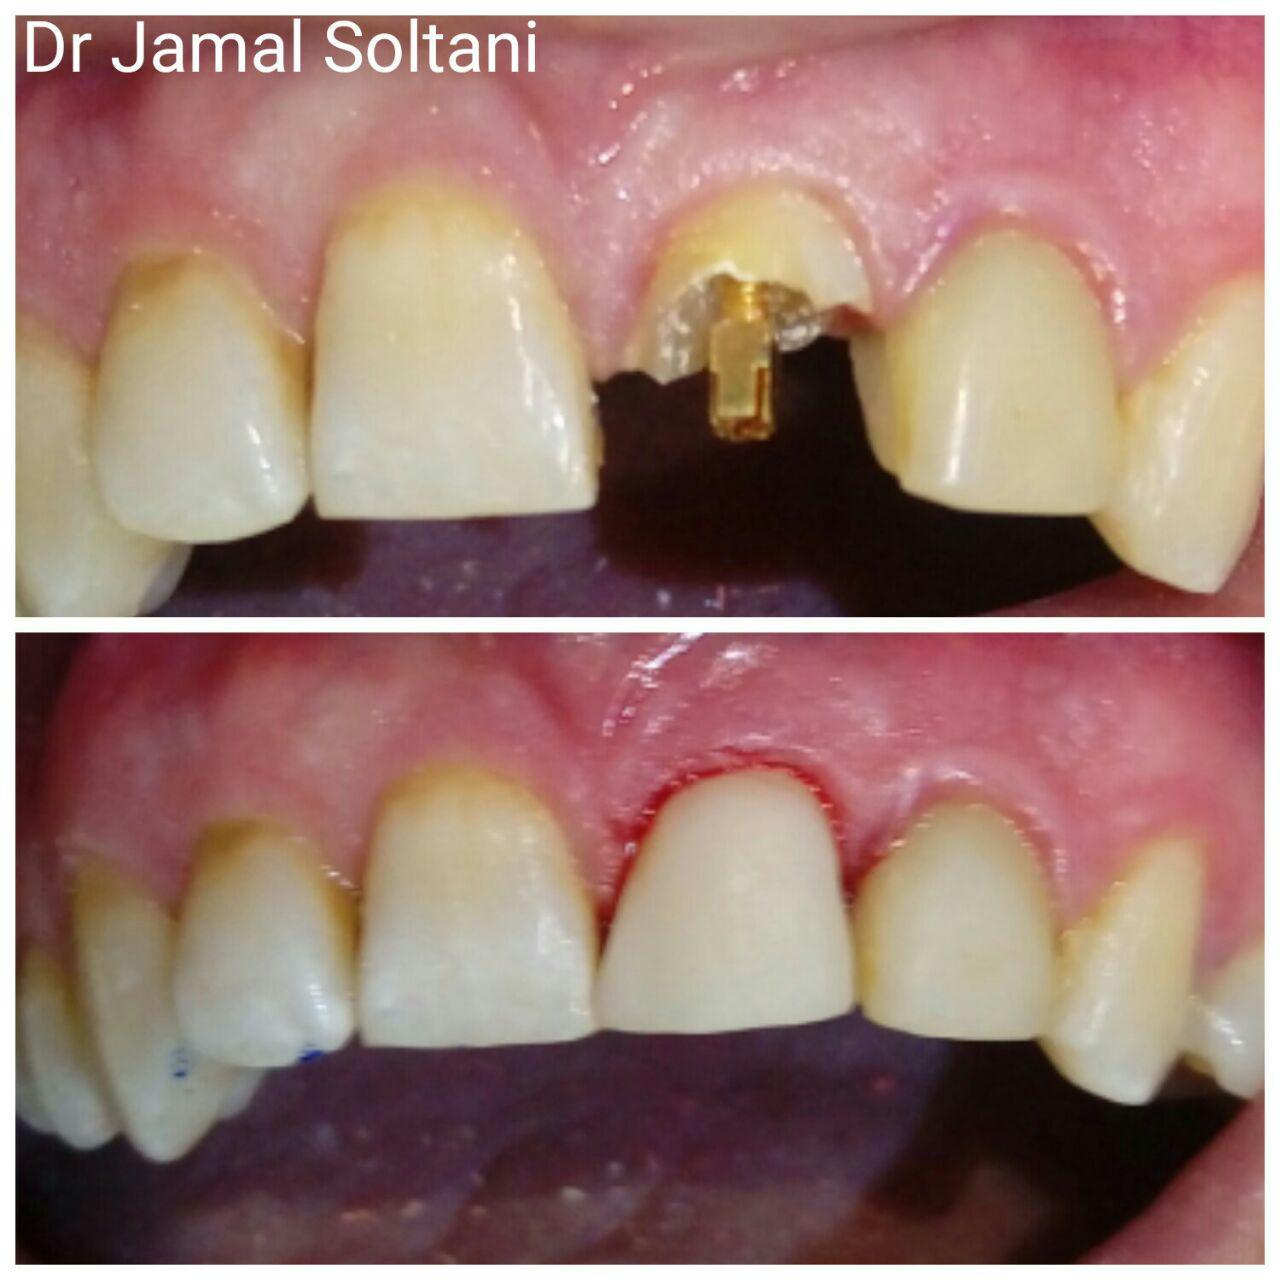 بازسازی تاج شکسته دندان پیشین